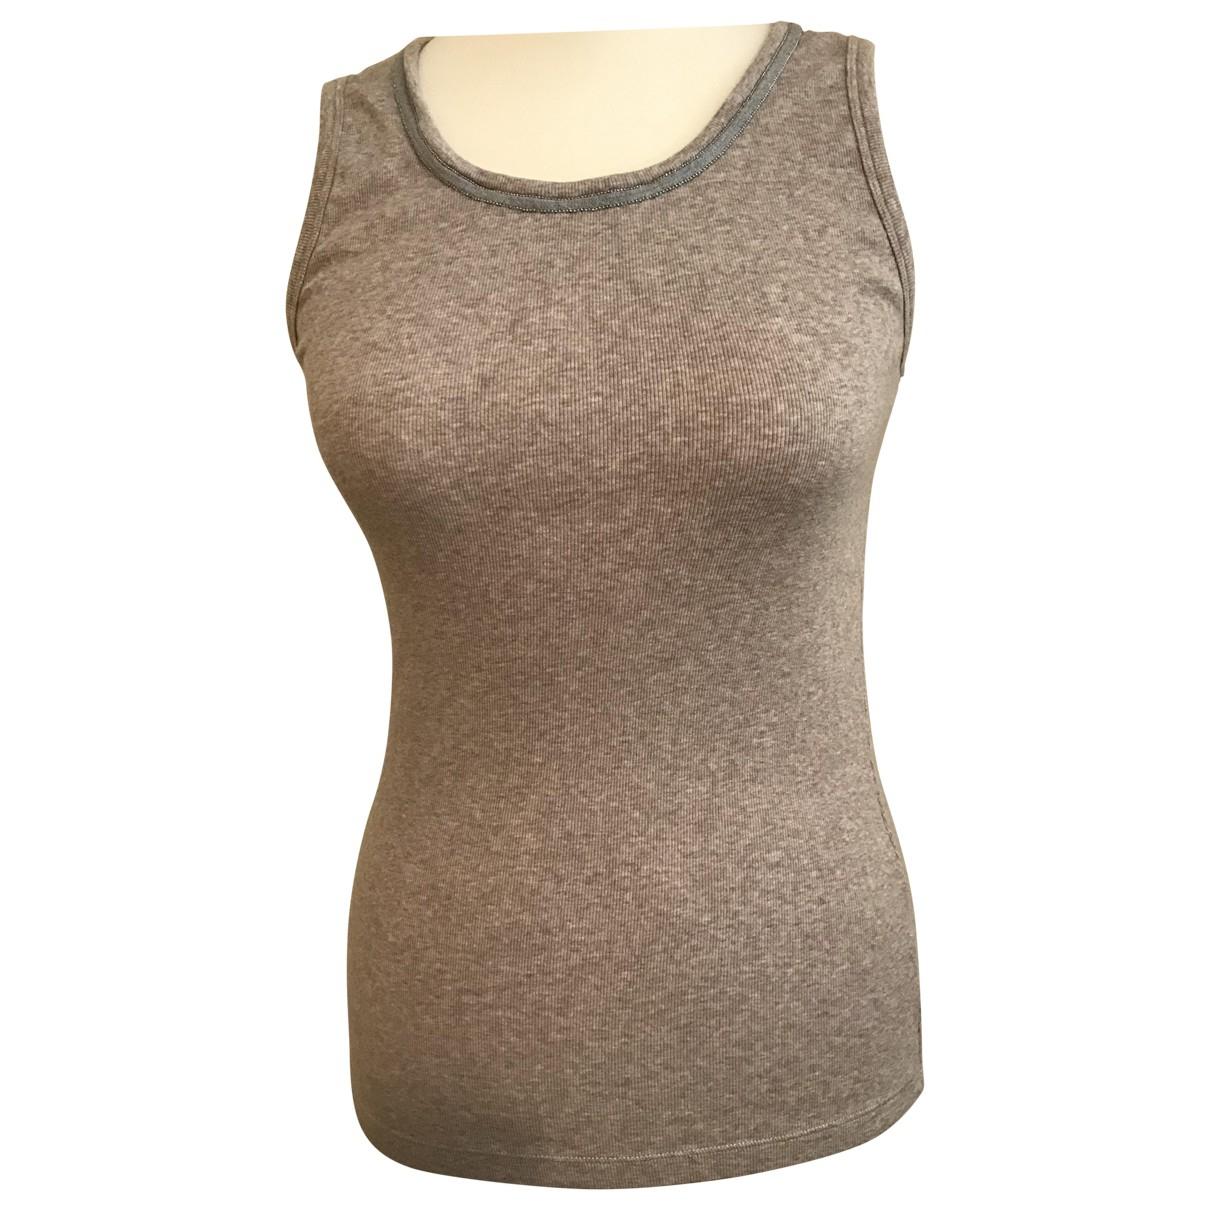 Fabiana Filippi \N Beige Cotton  top for Women 44 IT